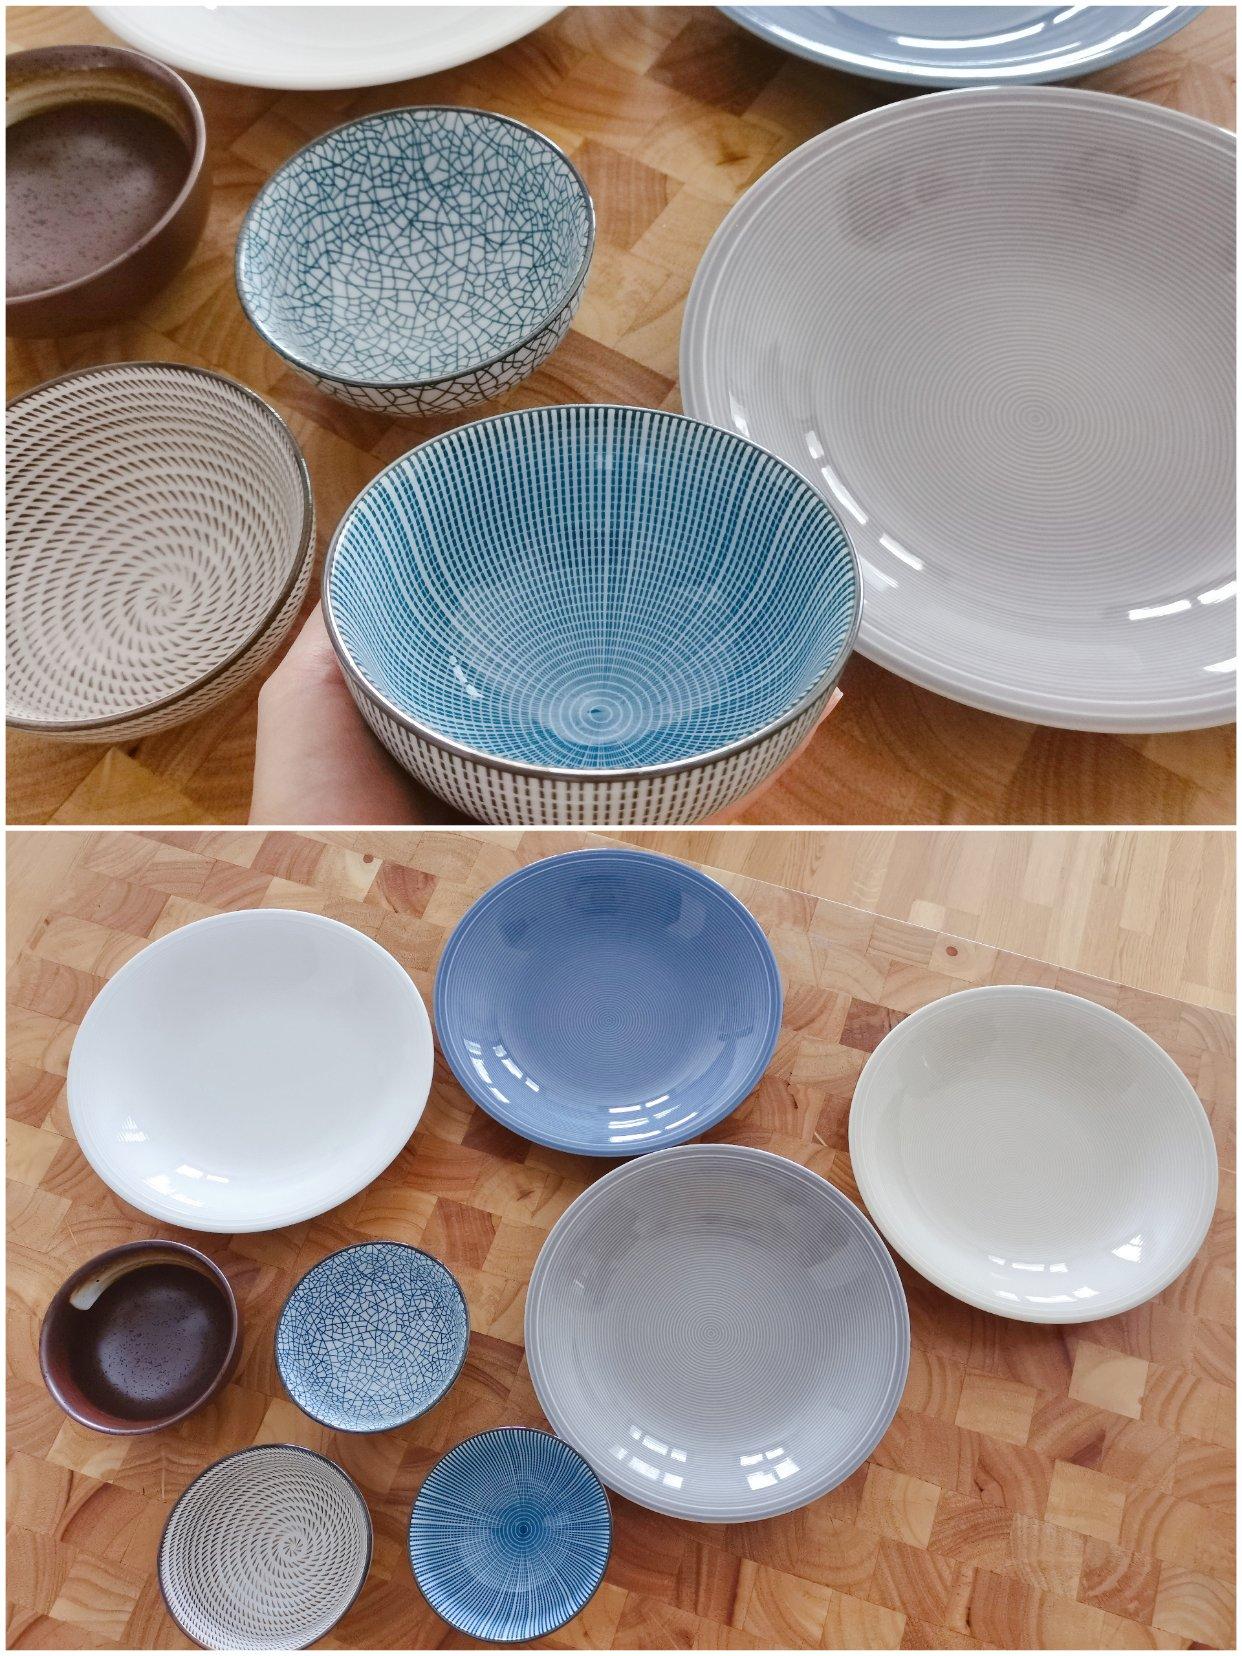 第一次在Aliexpress下单,入手四只瓷碗🍚